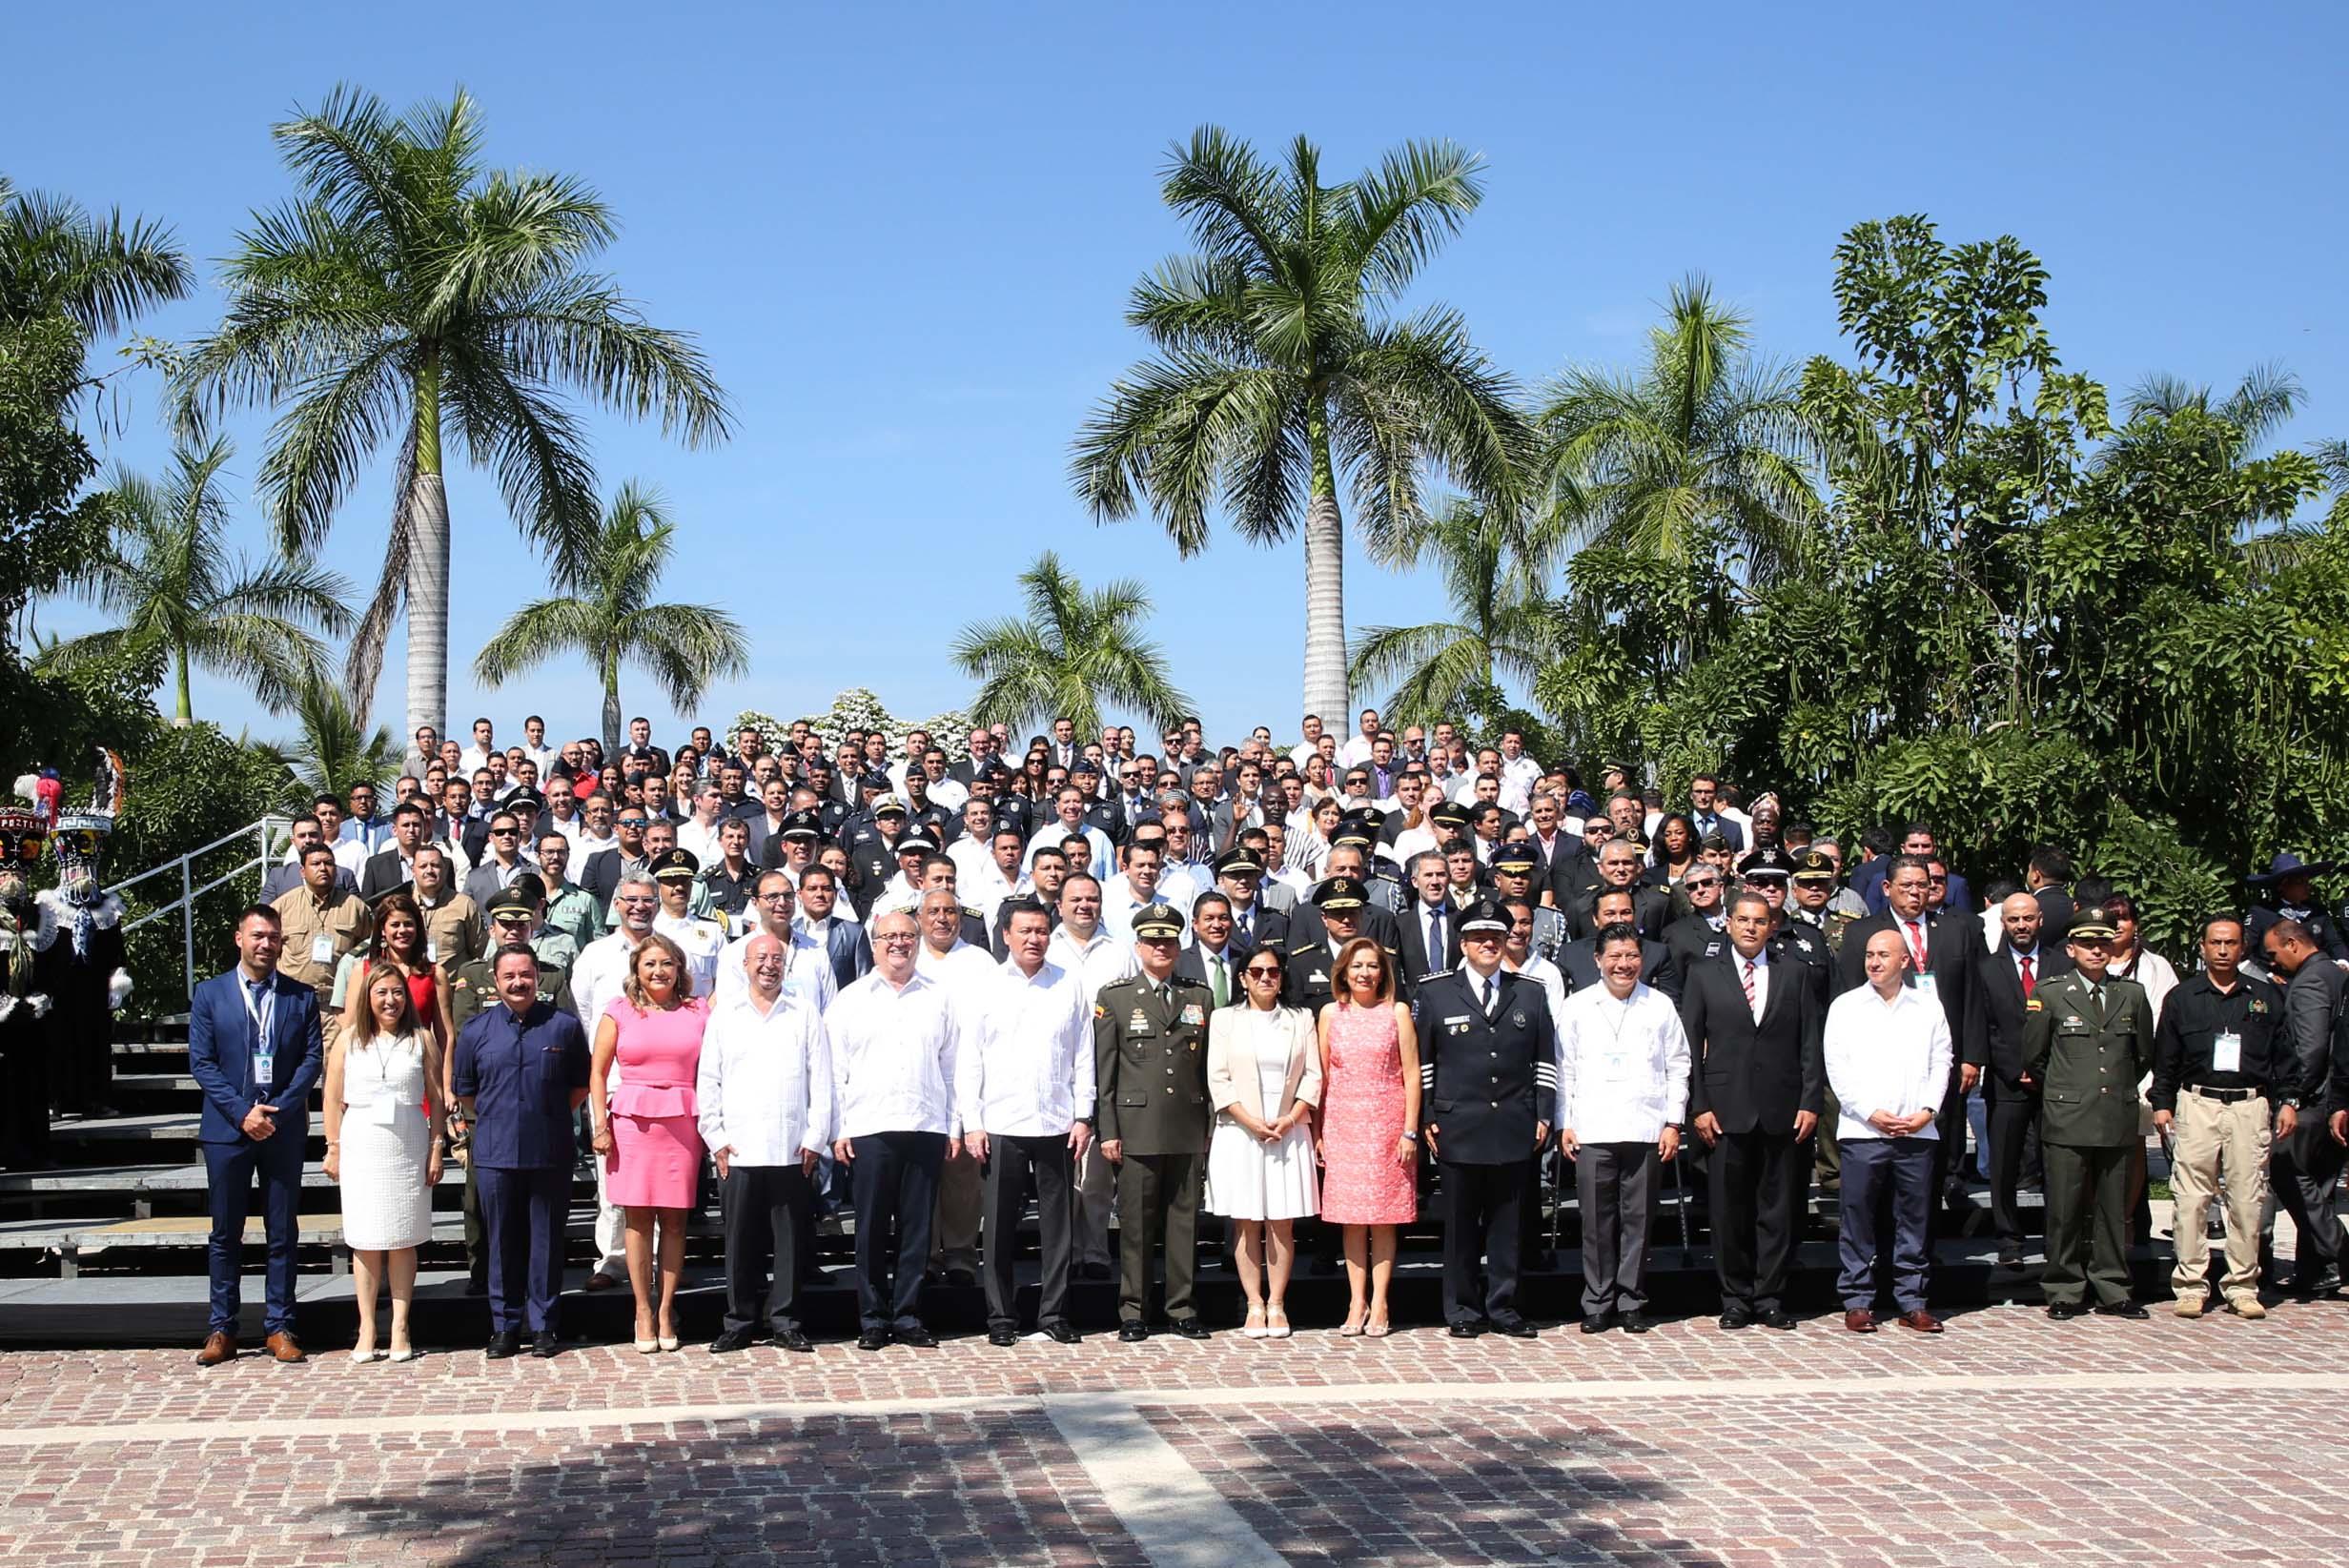 El Secretario de Gobernación, Miguel Ángel Osorio, durante la inauguración del Sexto Congreso Internacional de Lucha contra el Secuestro y la Extorsión